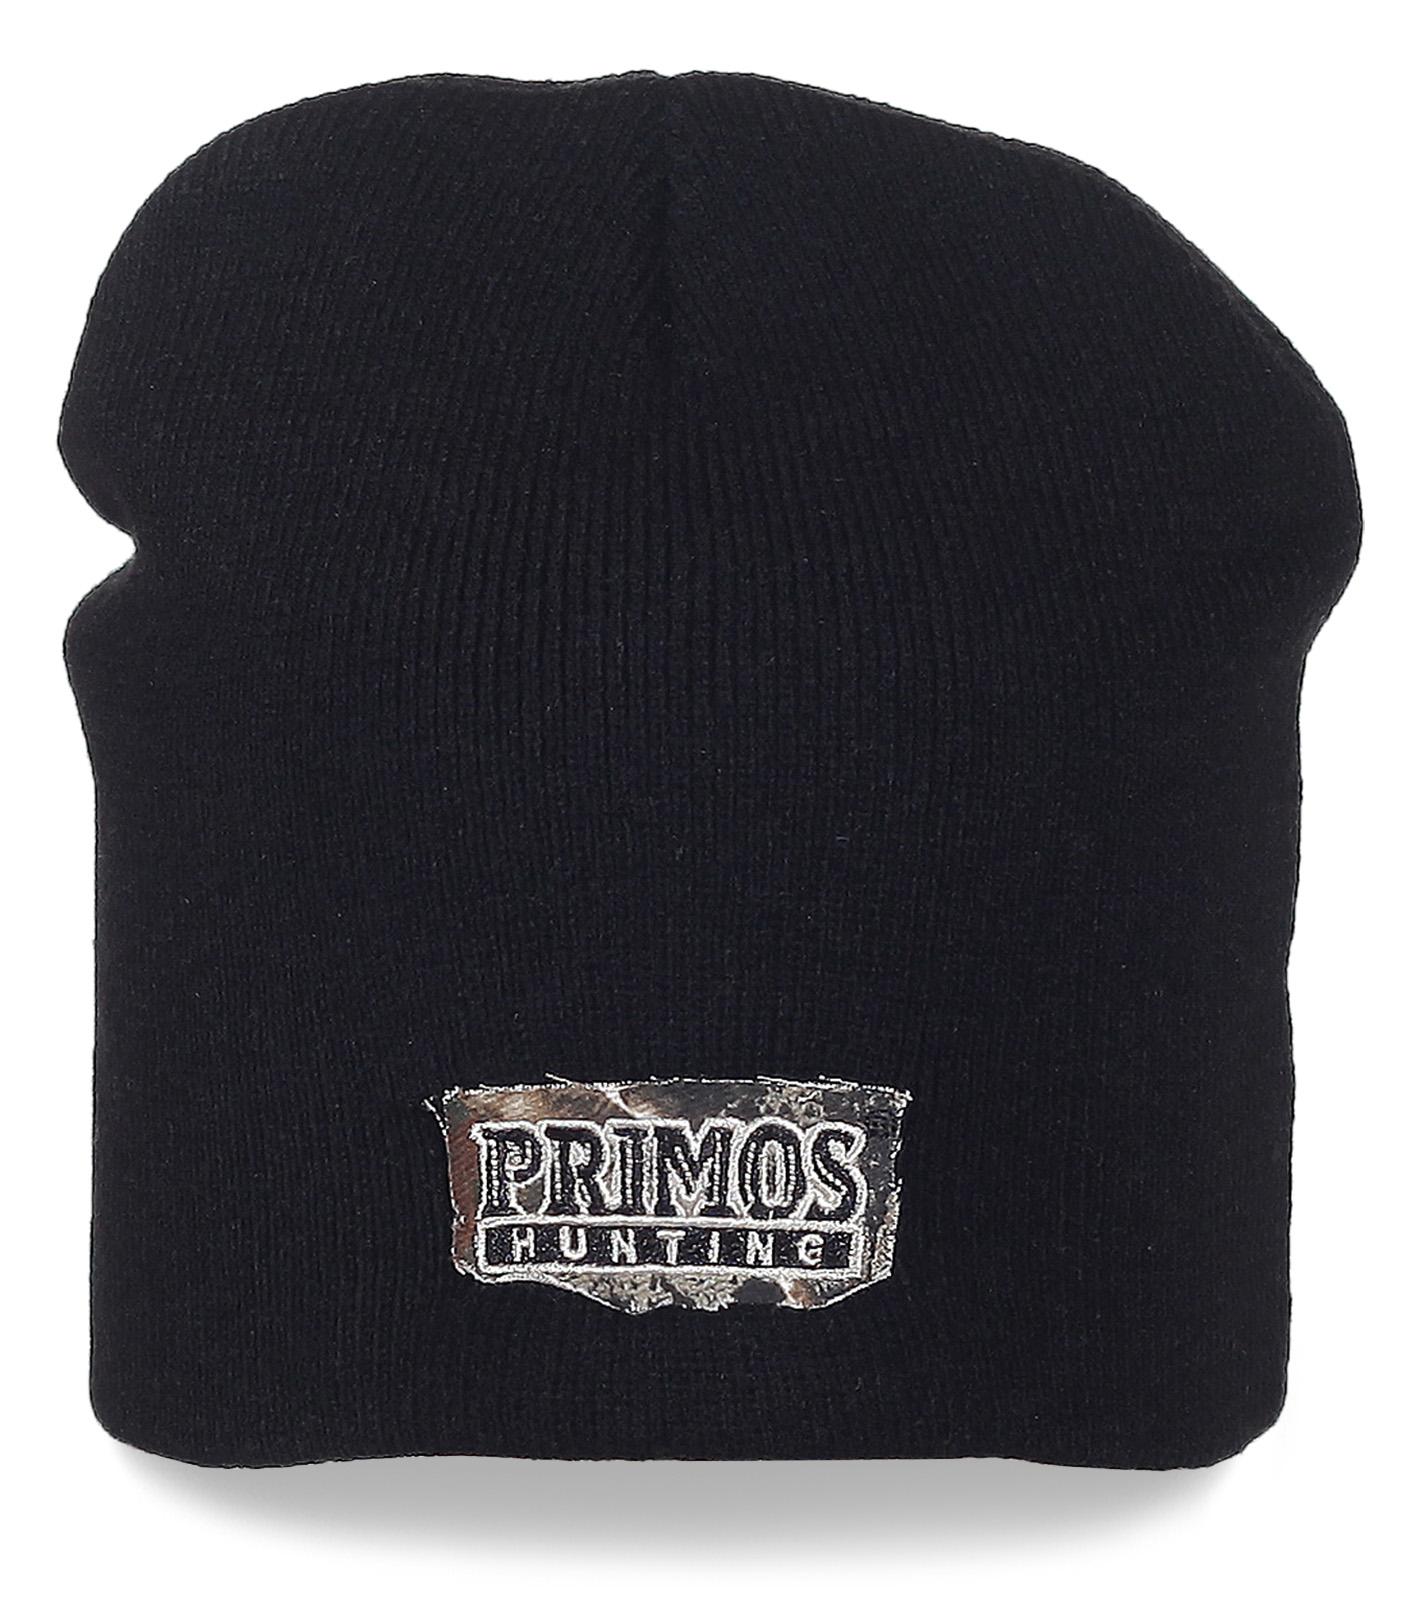 Универсальная мужская шапка Primos Hunting